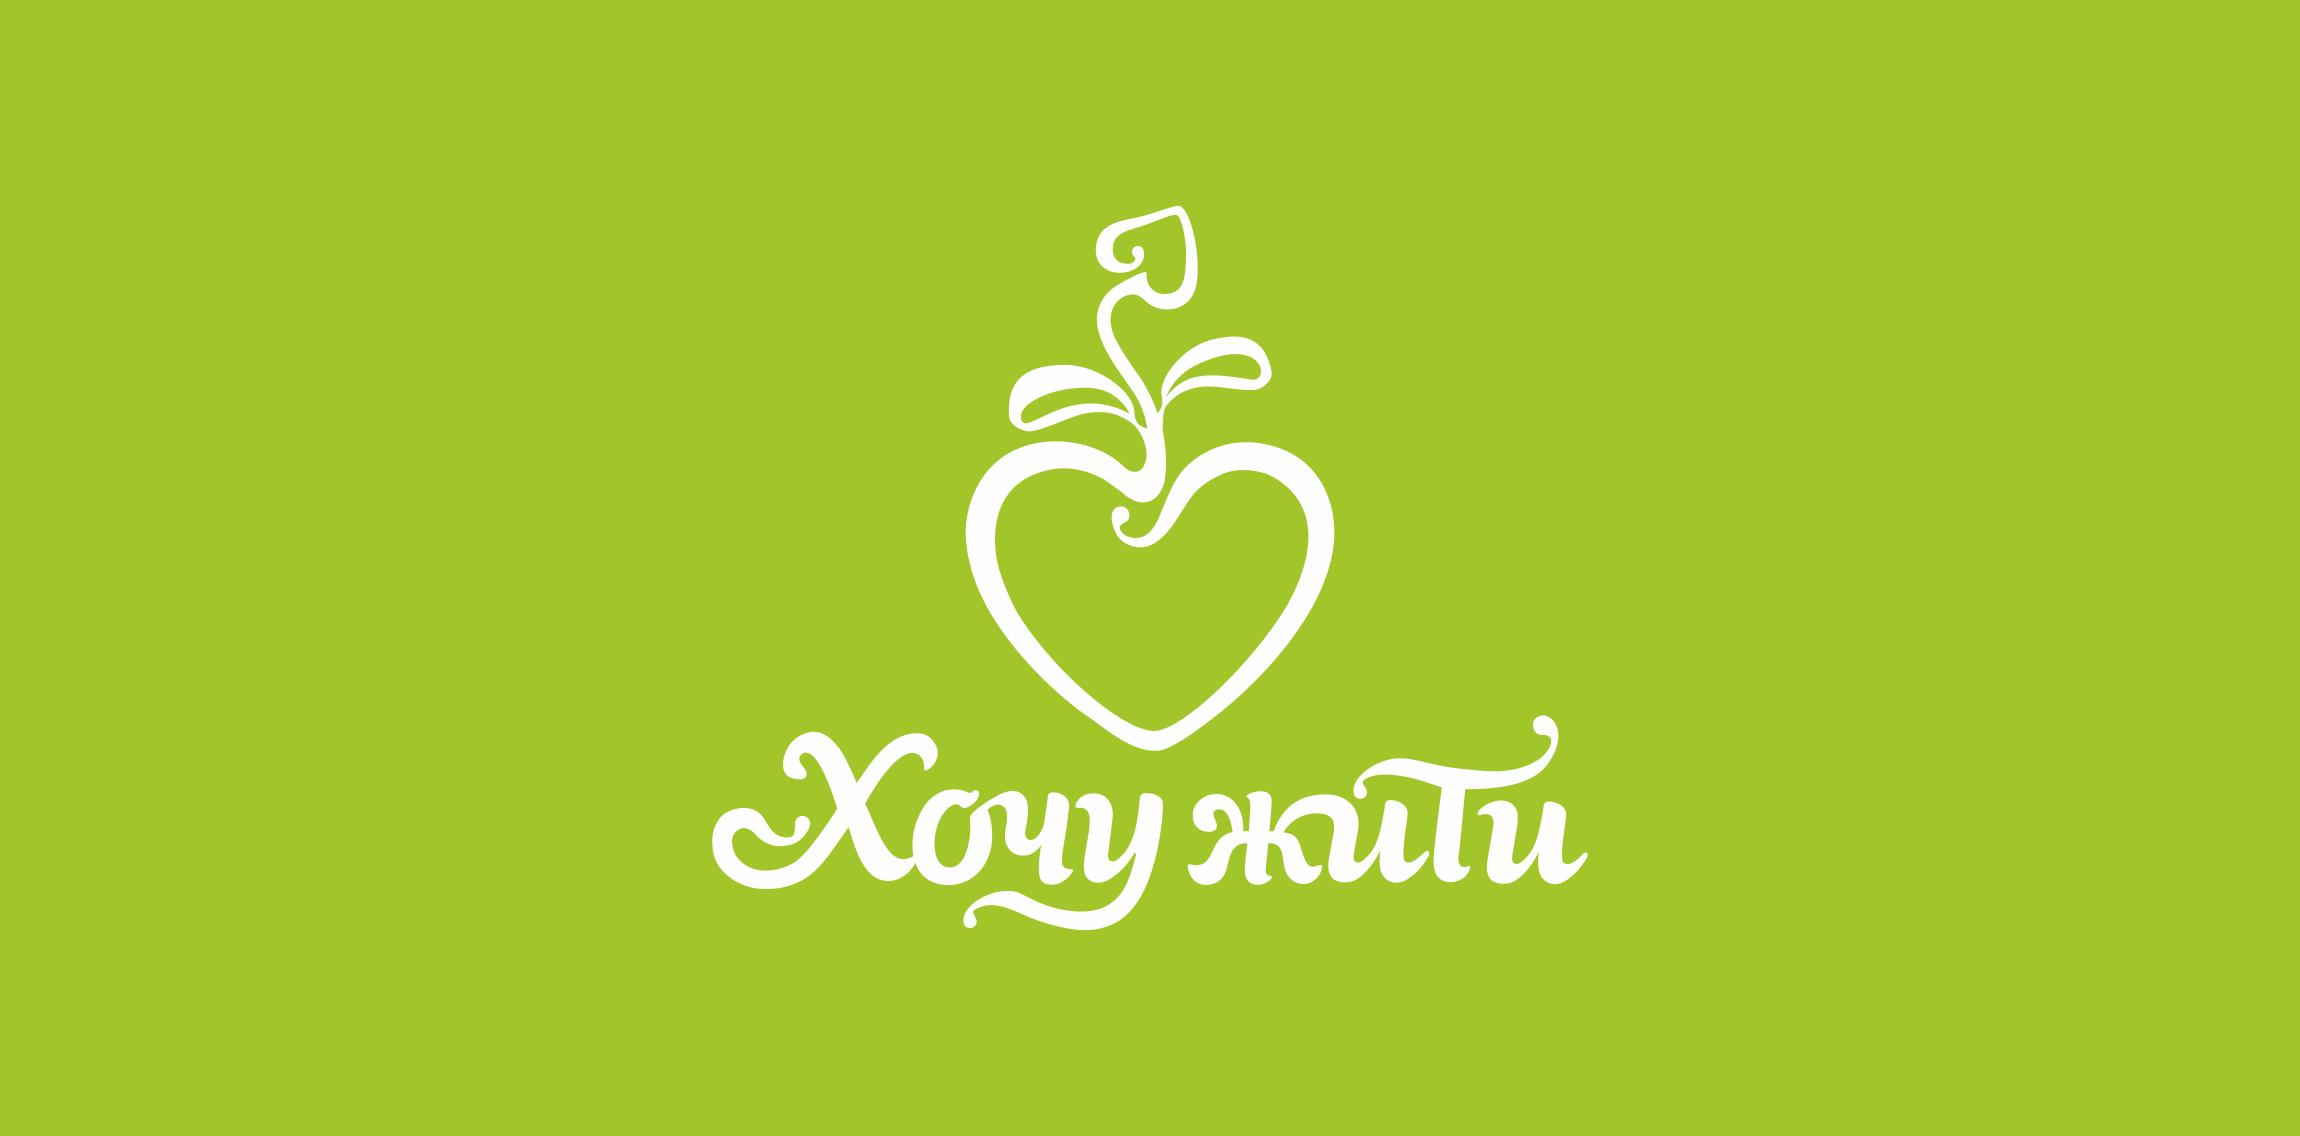 Hochu Zhyty (I want to live)